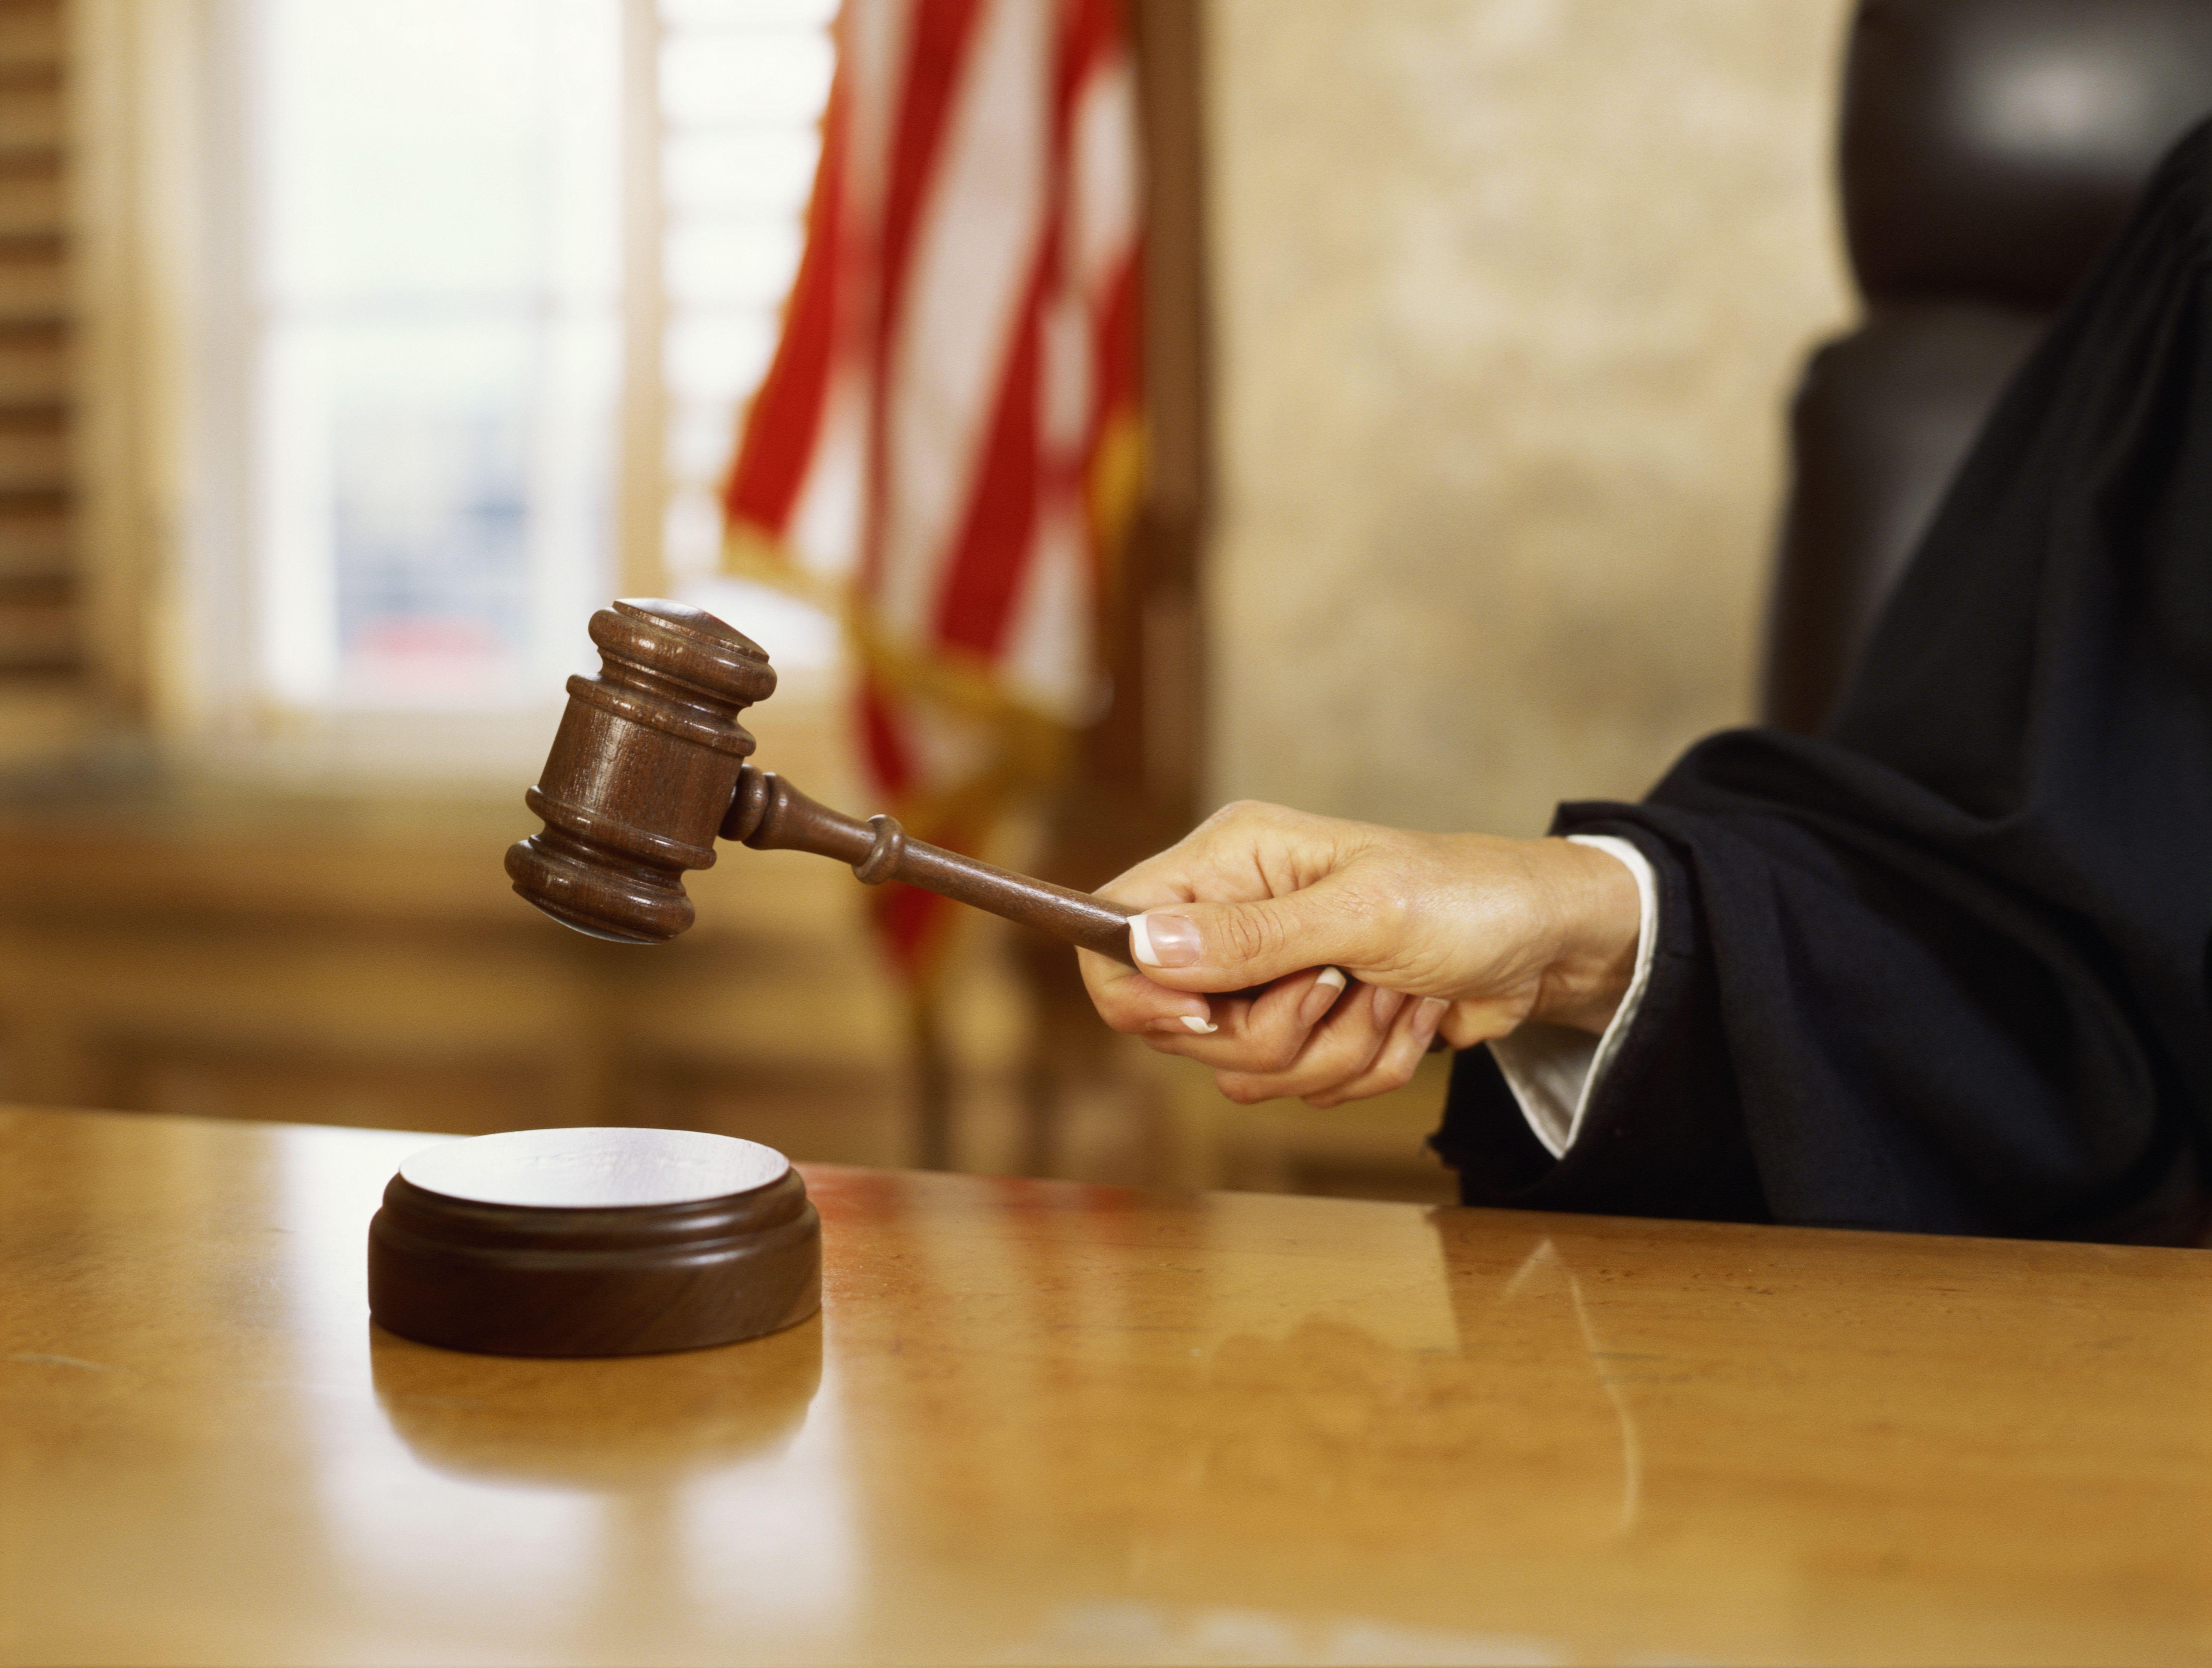 Judicial Restraint >> Judicial Restraint Definition and Examples